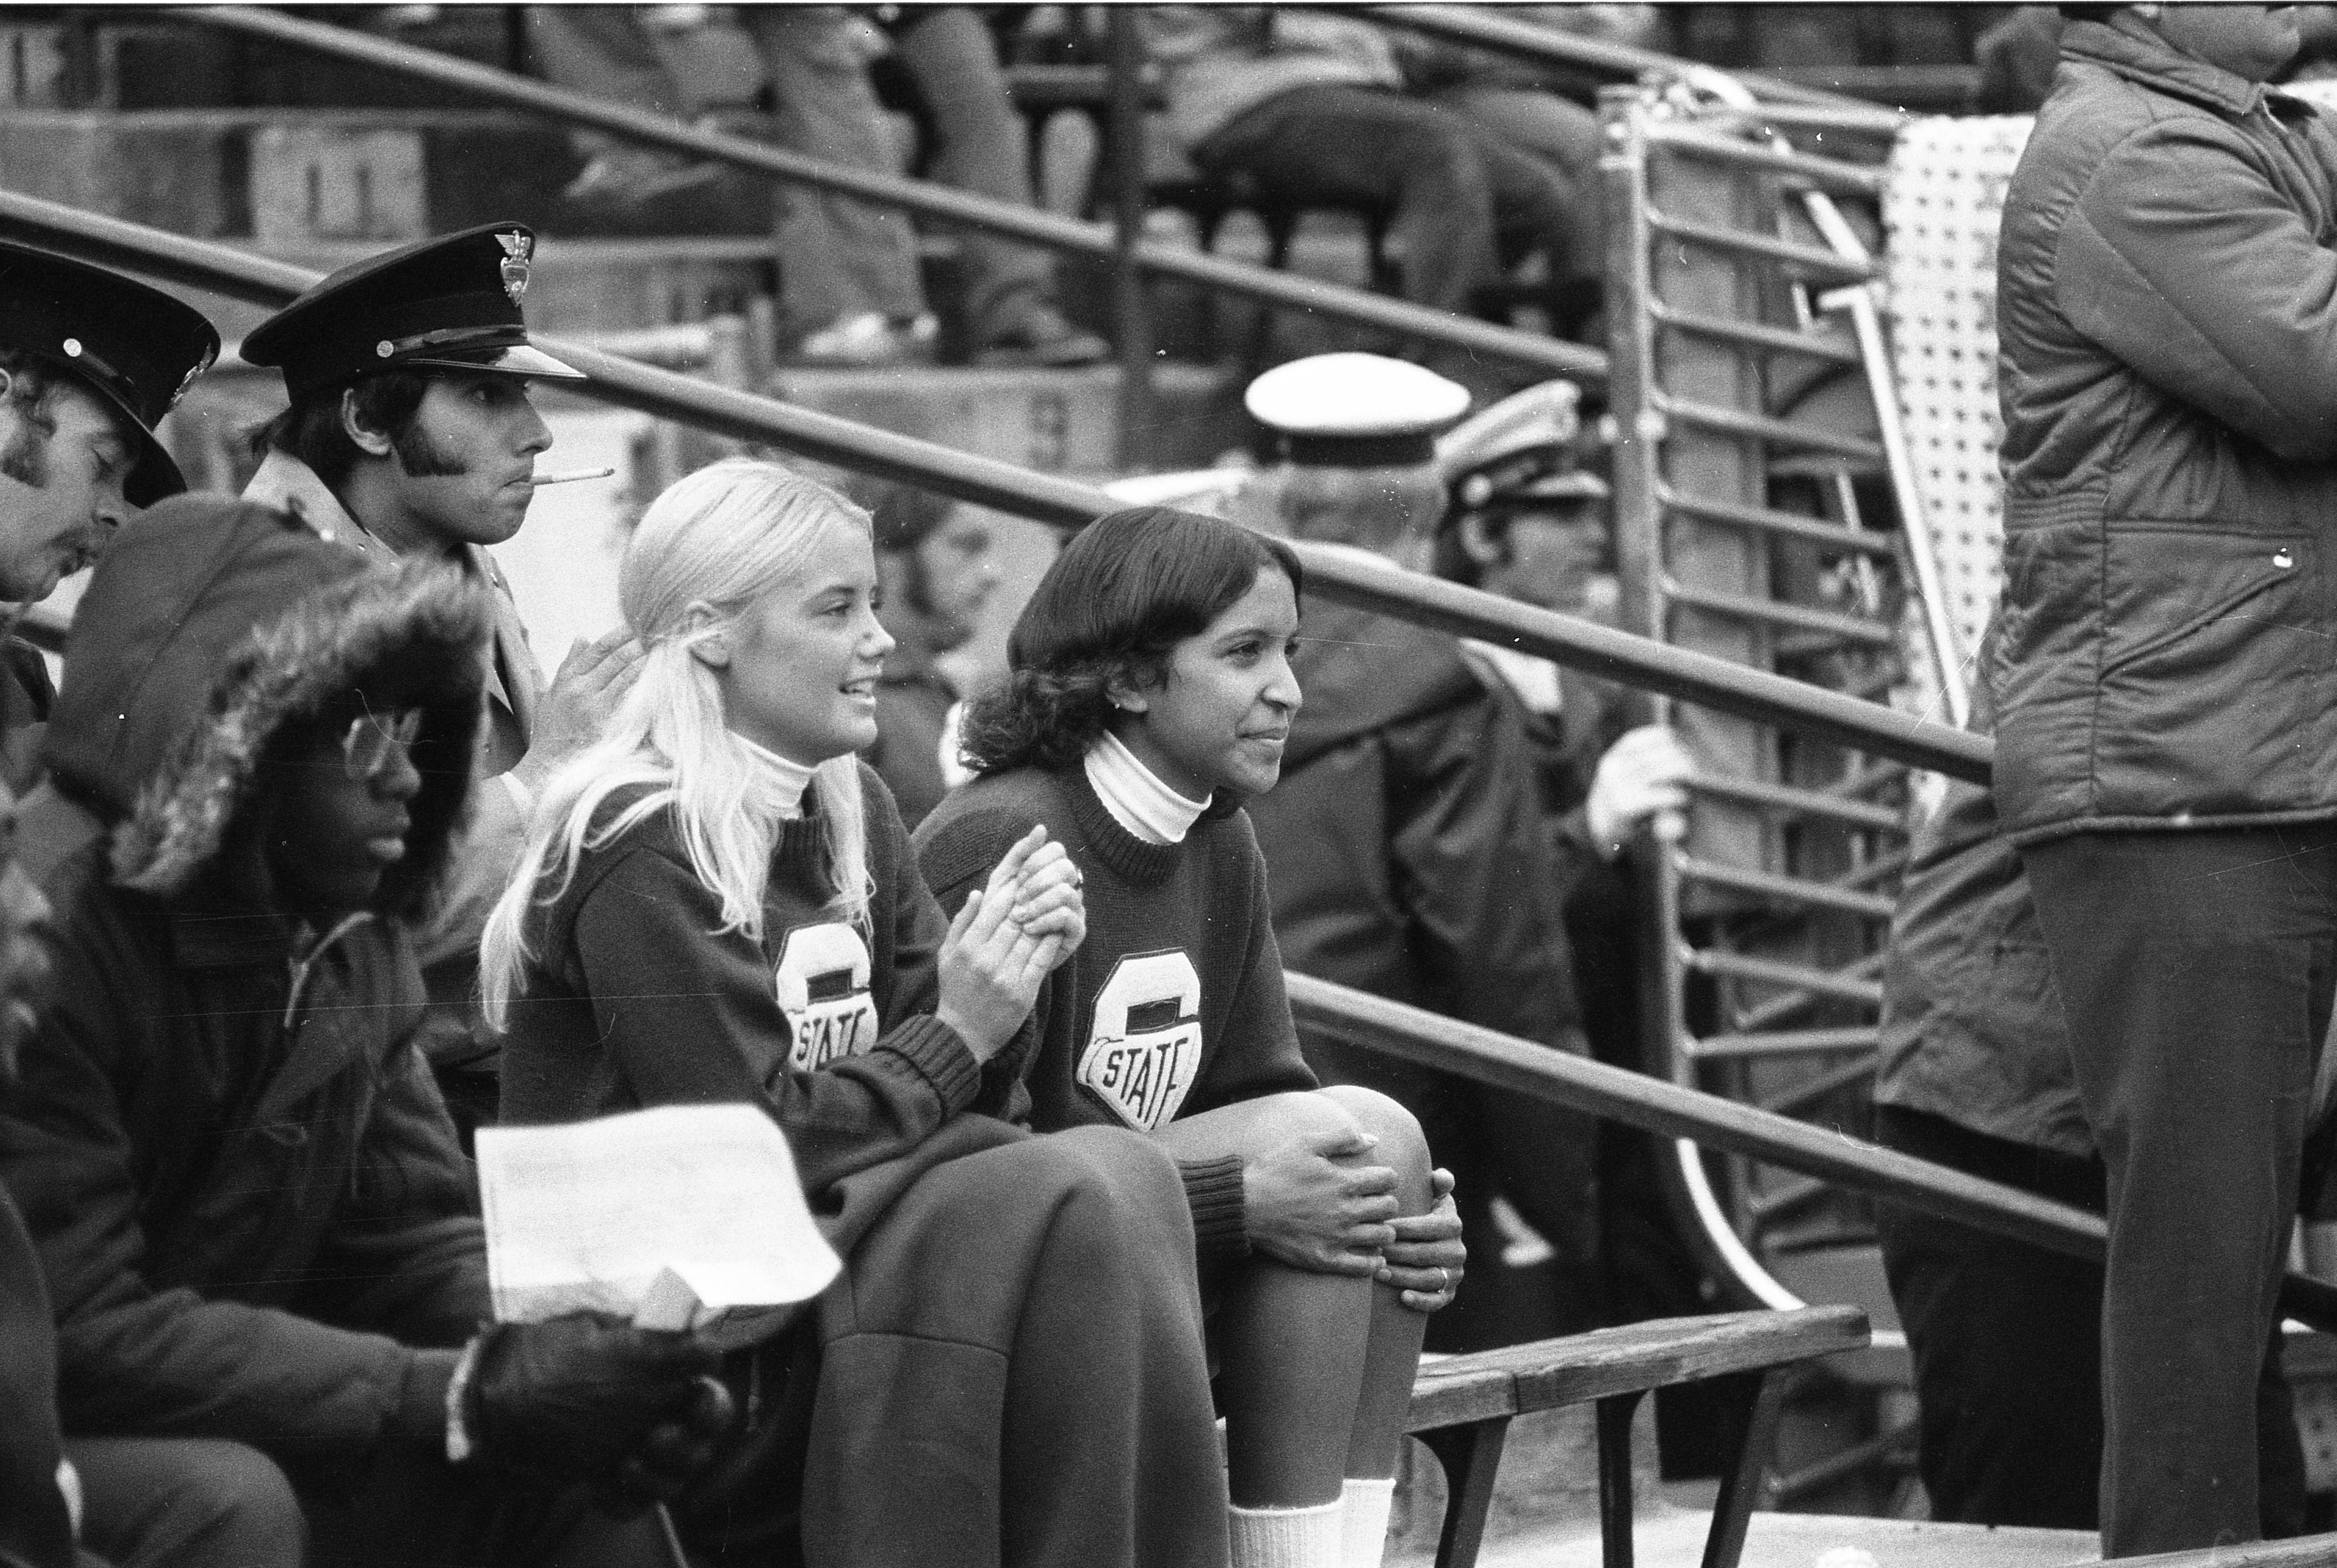 Cheerleaders at MSU vs. Purdue game, 1972